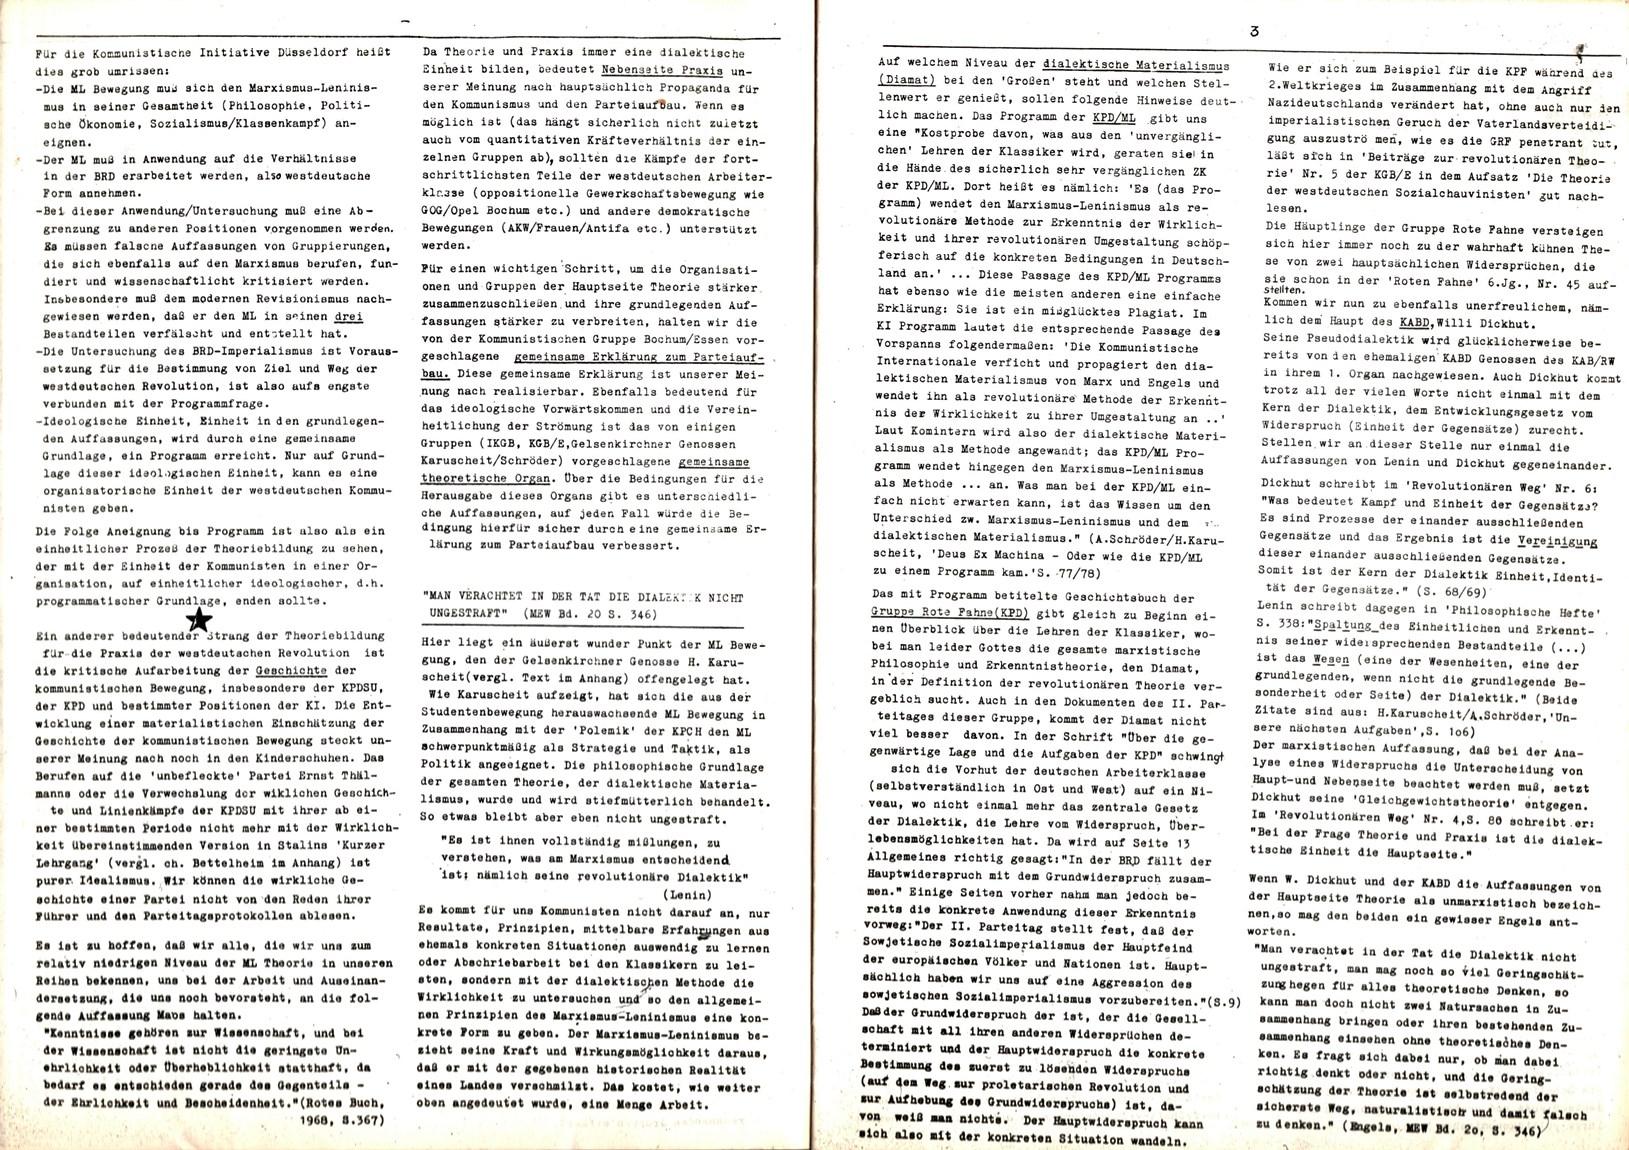 Duesseldorf_KID_Materialien_19780700_003